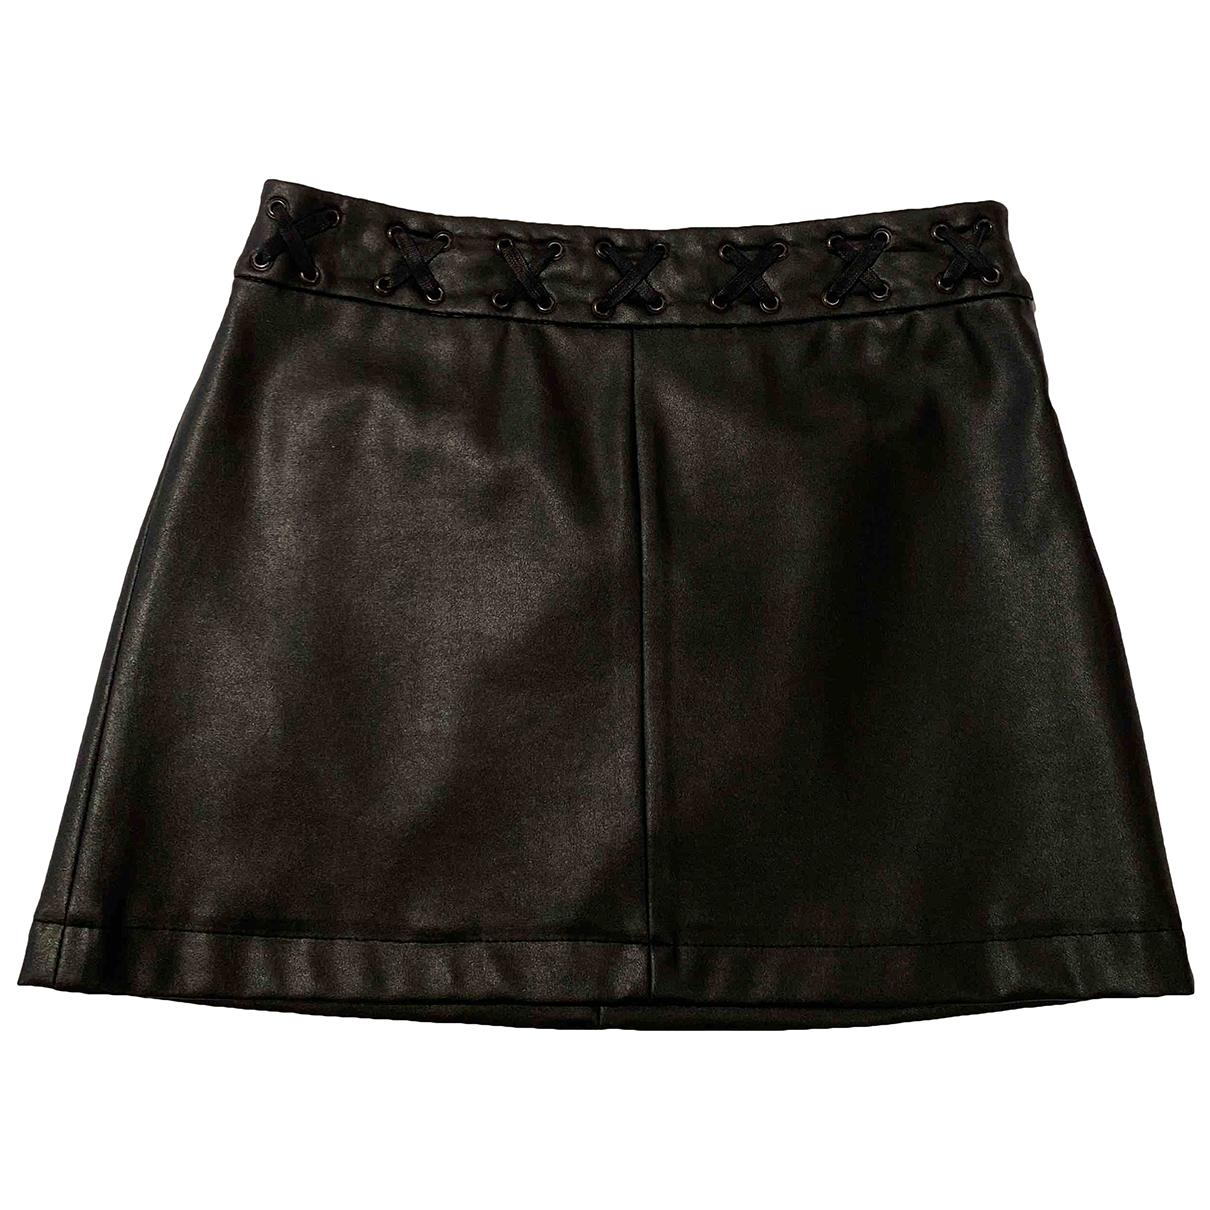 Mango \N Black Leather skirt for Women 38 FR